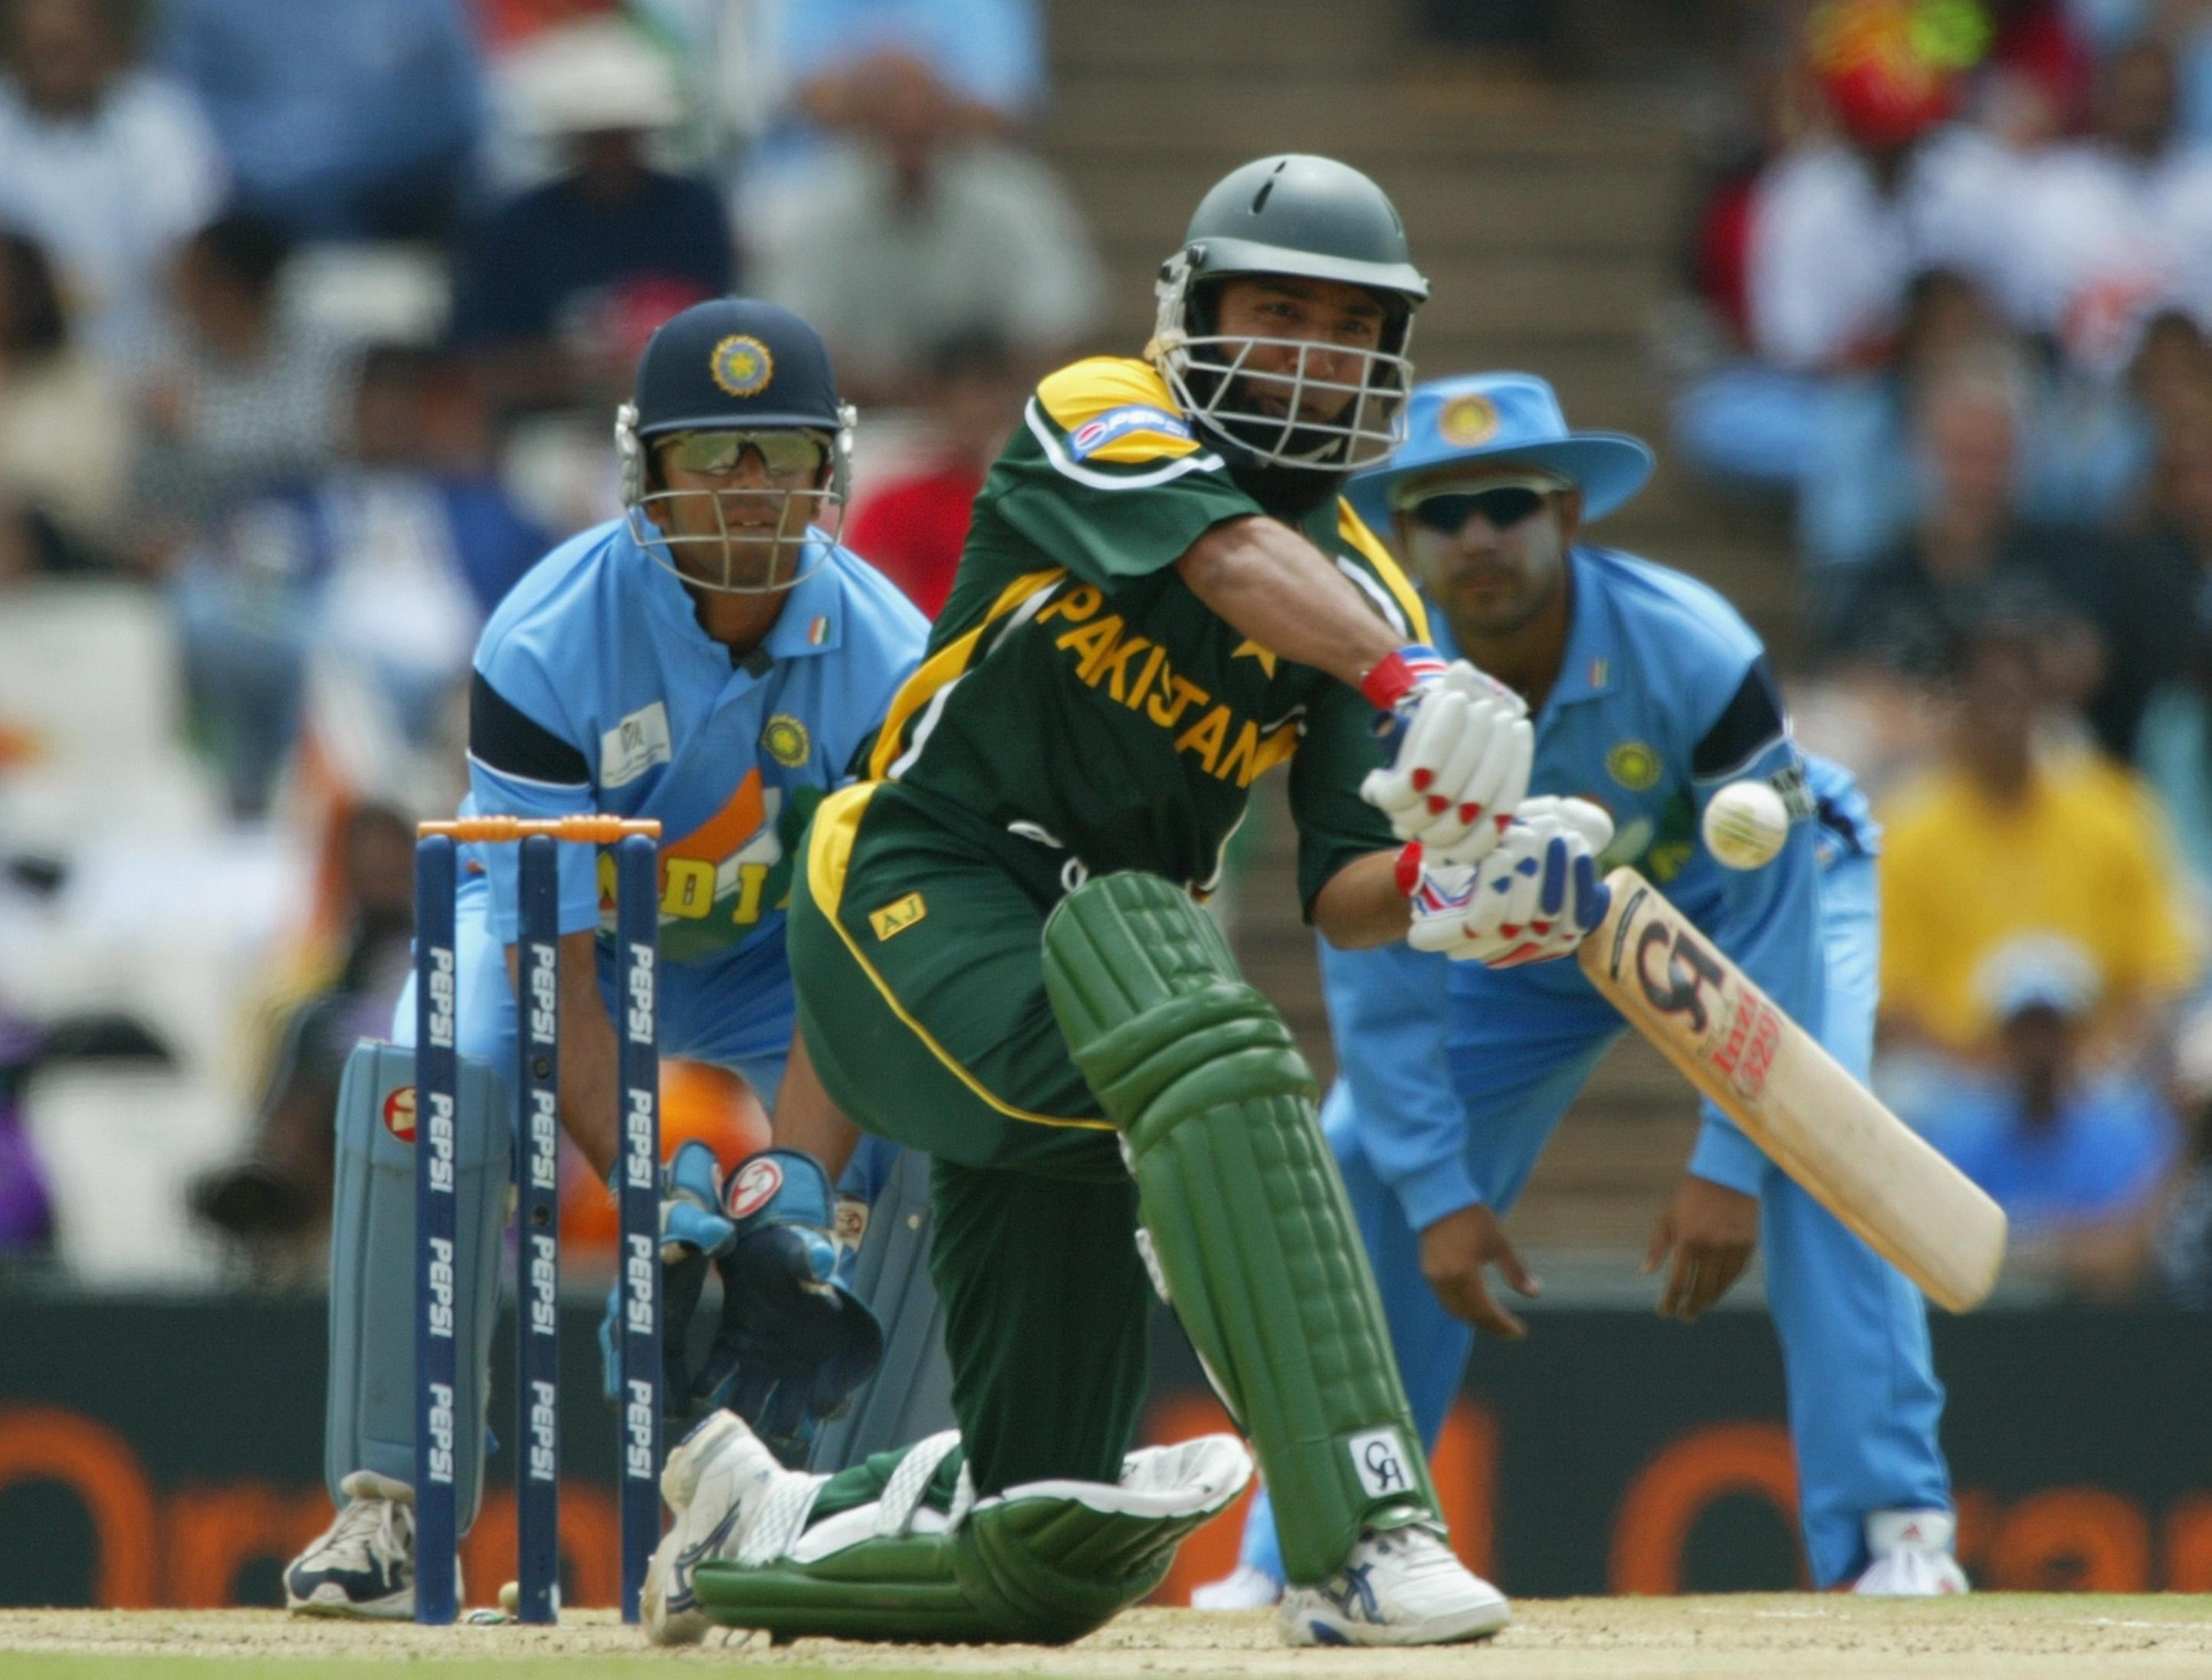 पाकिस्तान के पूर्व कप्तान इंजमाम उल हक ने सईद अनवर को बताया पाकिस्तान का सर्वश्रेष्ठ बल्लेबाज 28